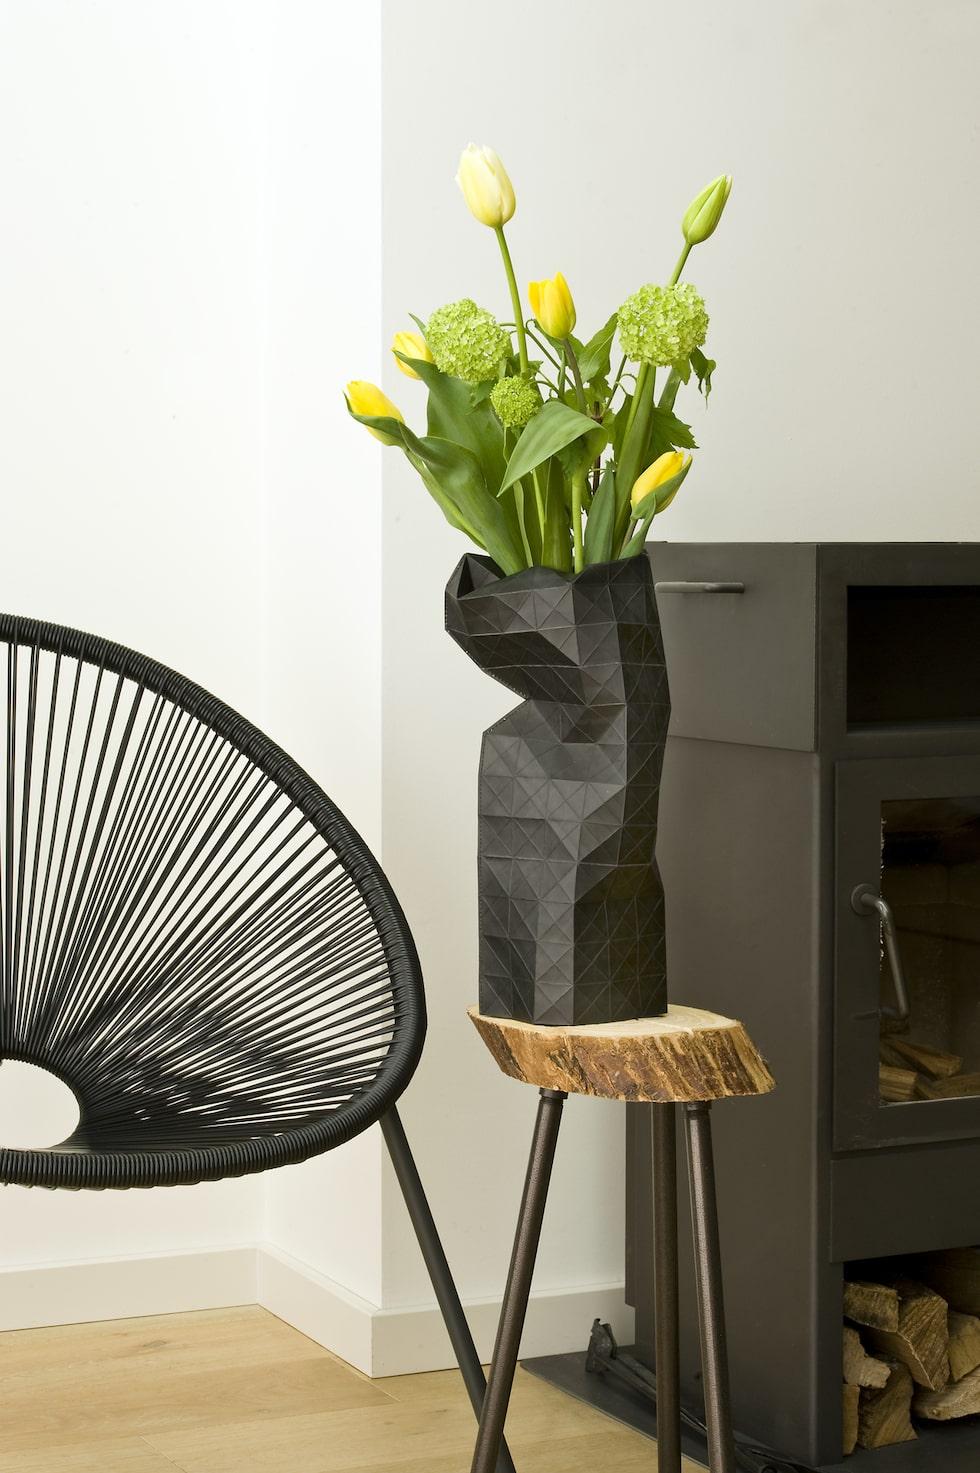 Genom att placera tulpaner i höga slanka vaser får man ett elegant utseende.